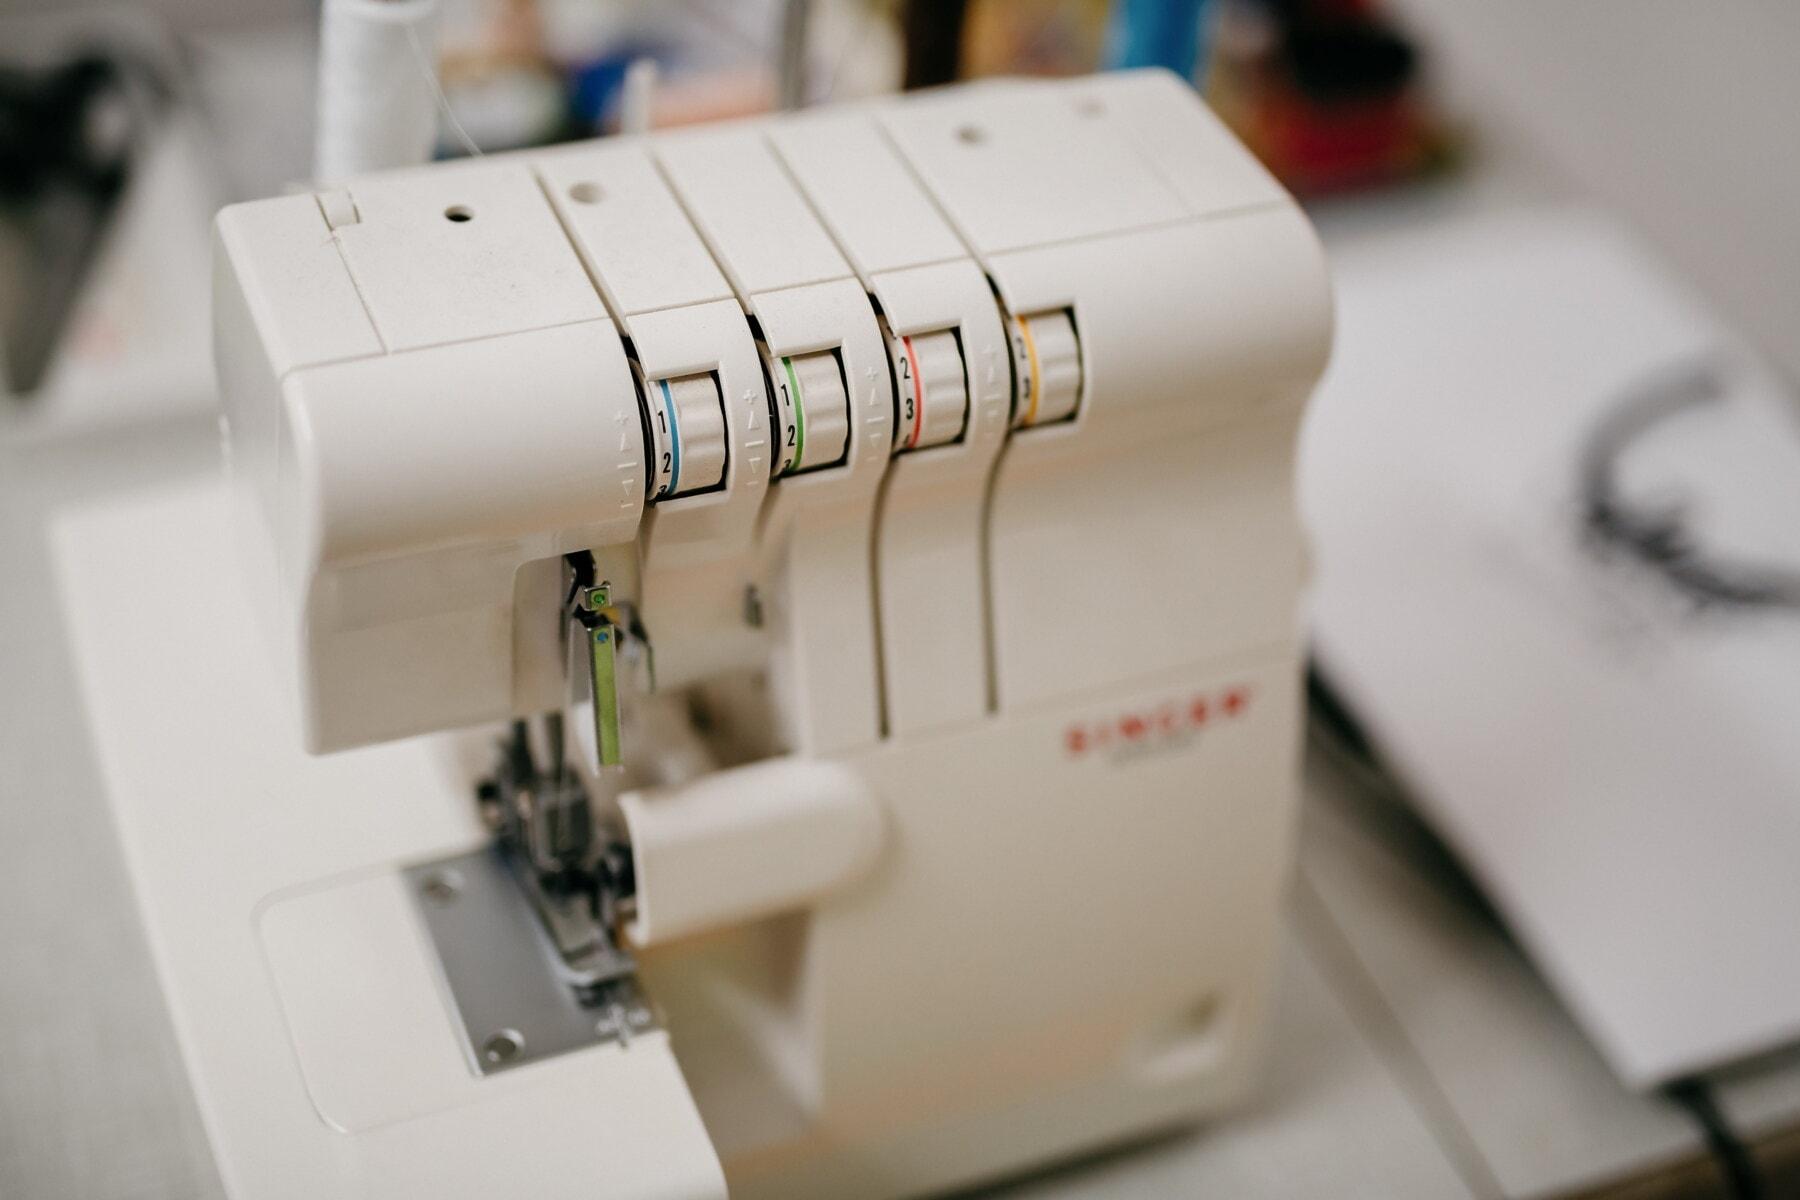 缝纫机, 针, 缝纫针, 专业, 工作, 工具, 讲习班, 设备, 室内, 行业